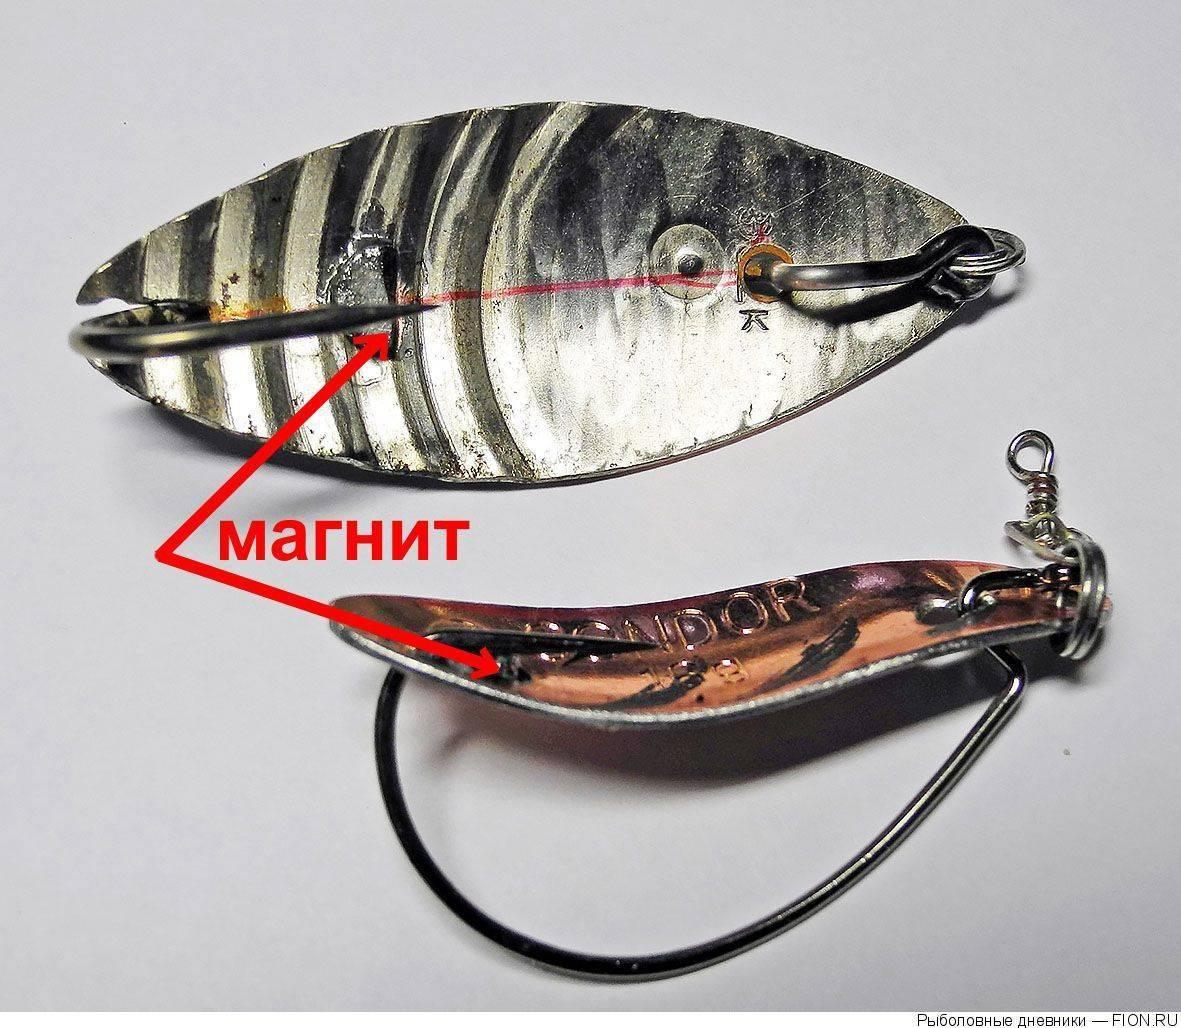 Ловля хищника в коряжниках - статьи о рыбалке